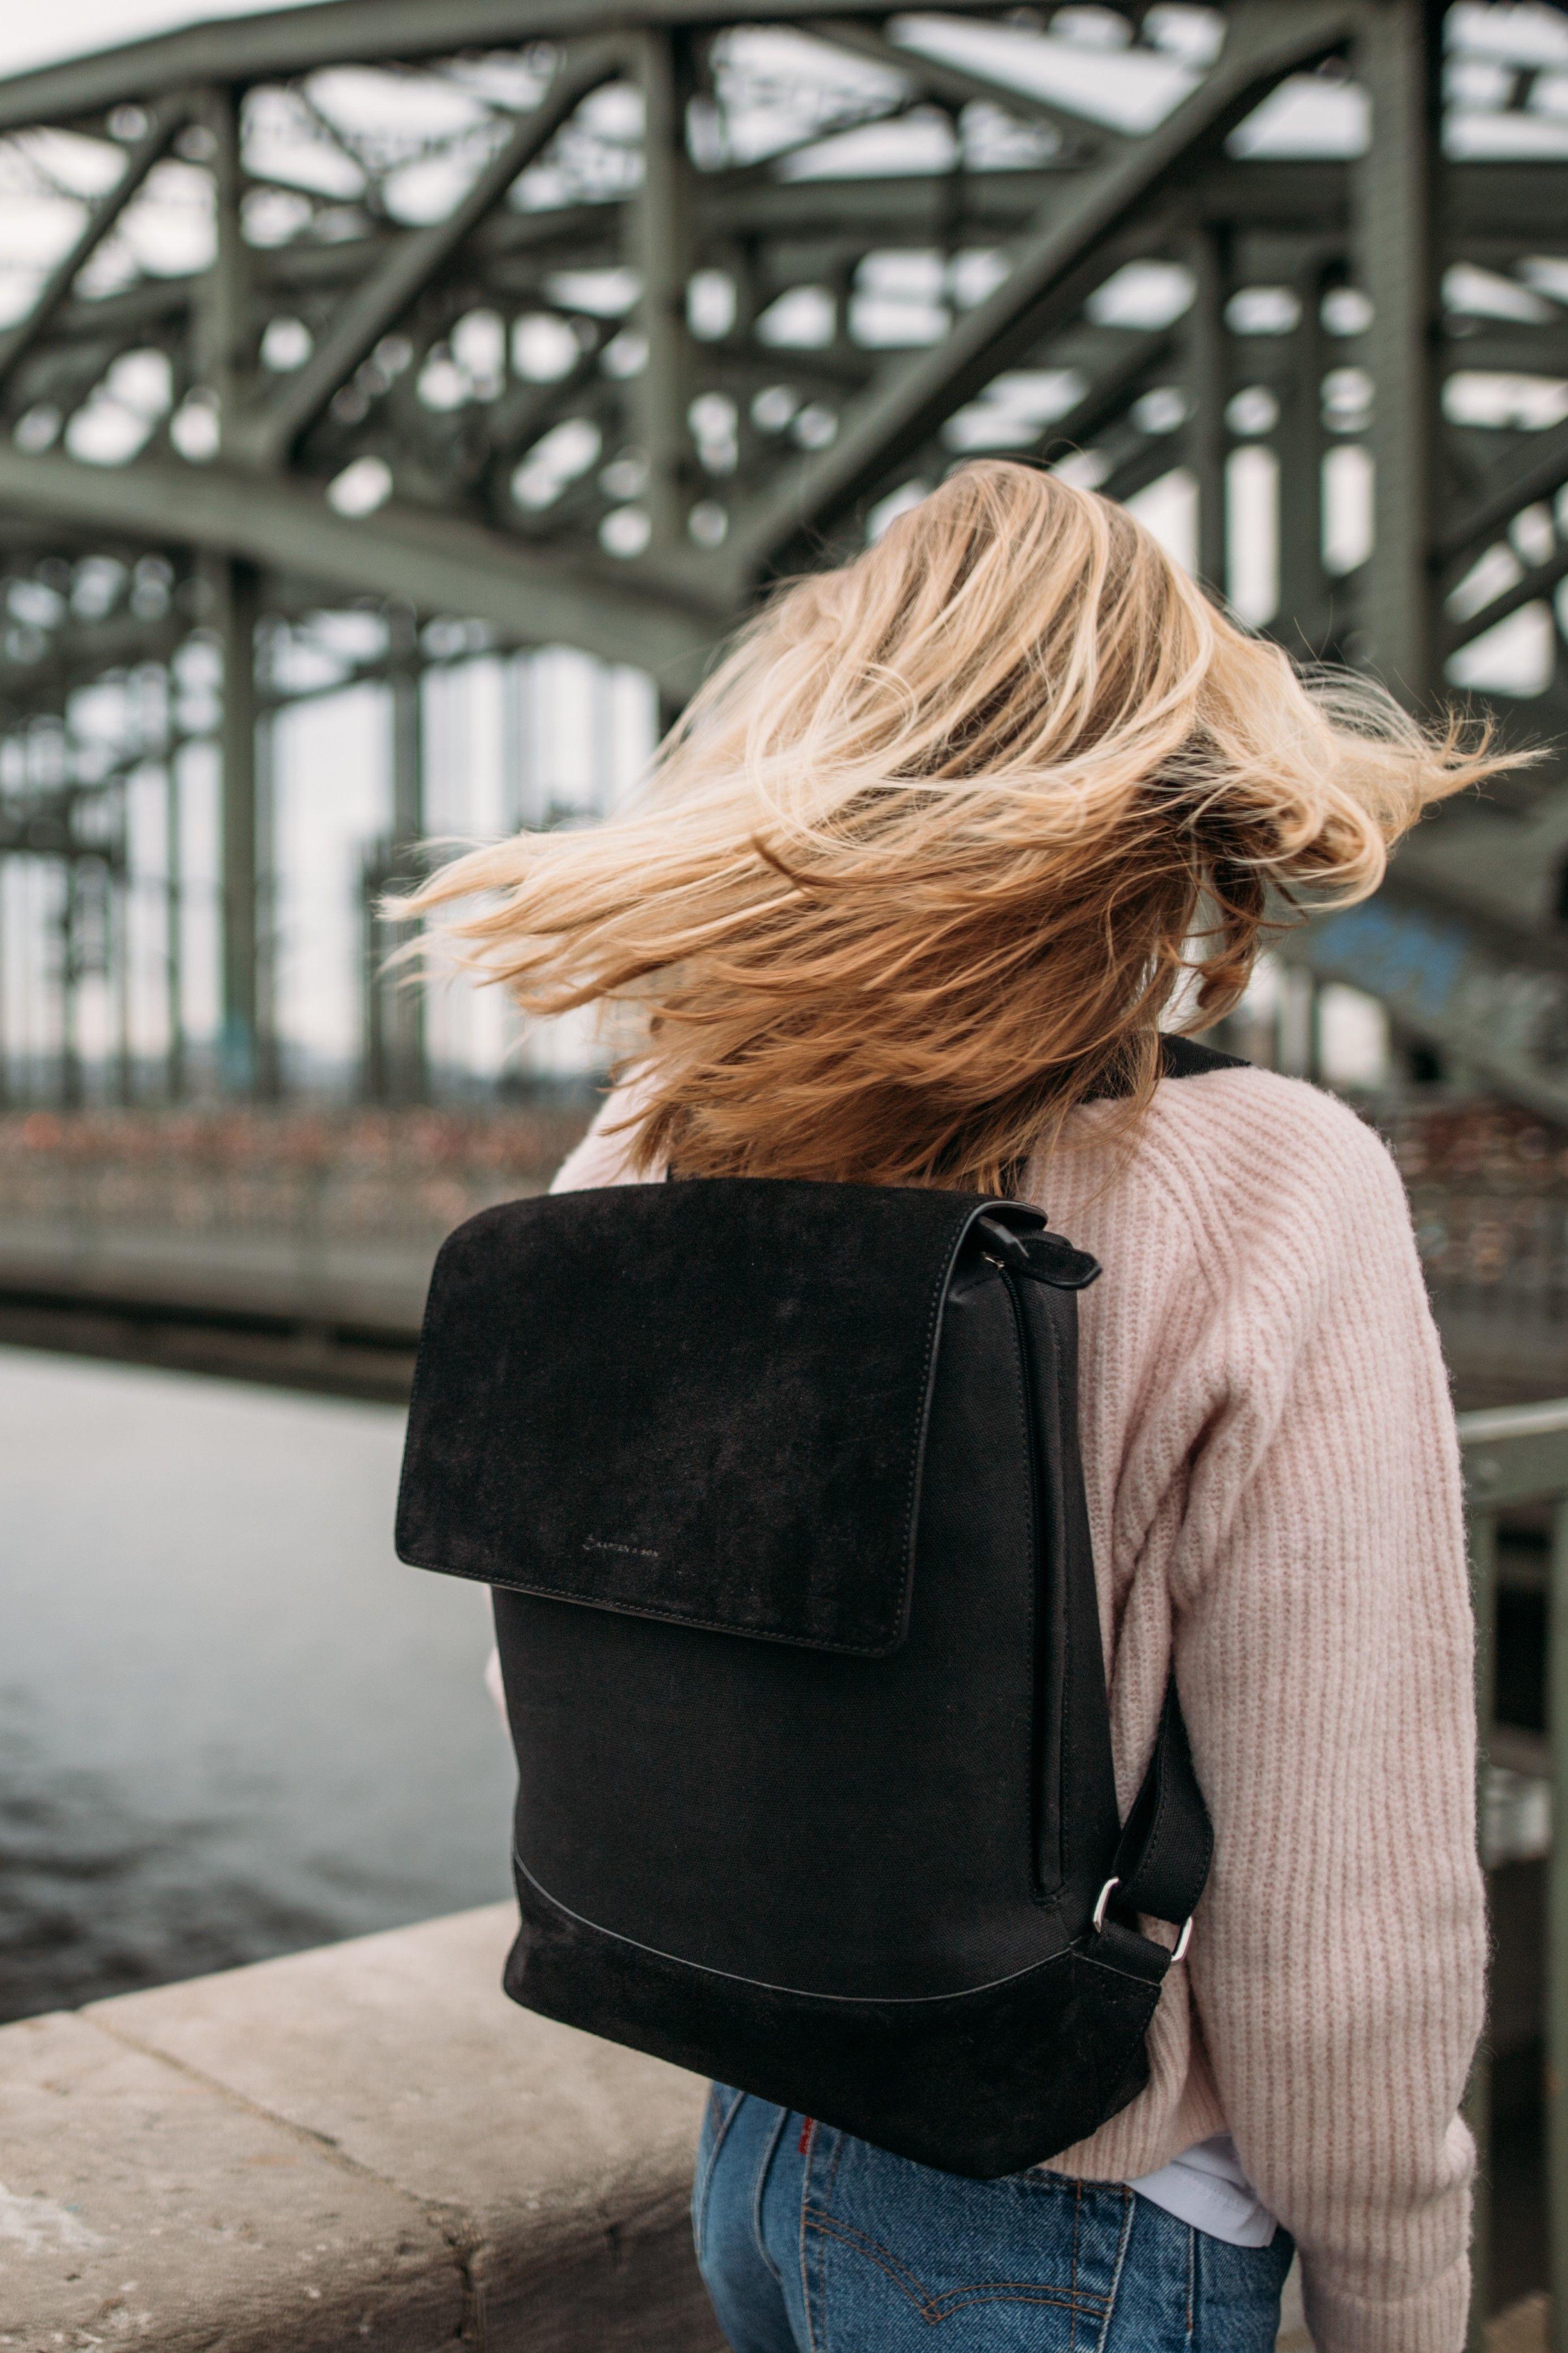 high quality backpack leather rucksack leder wildleder  leder und wildleder c 2_17 #8